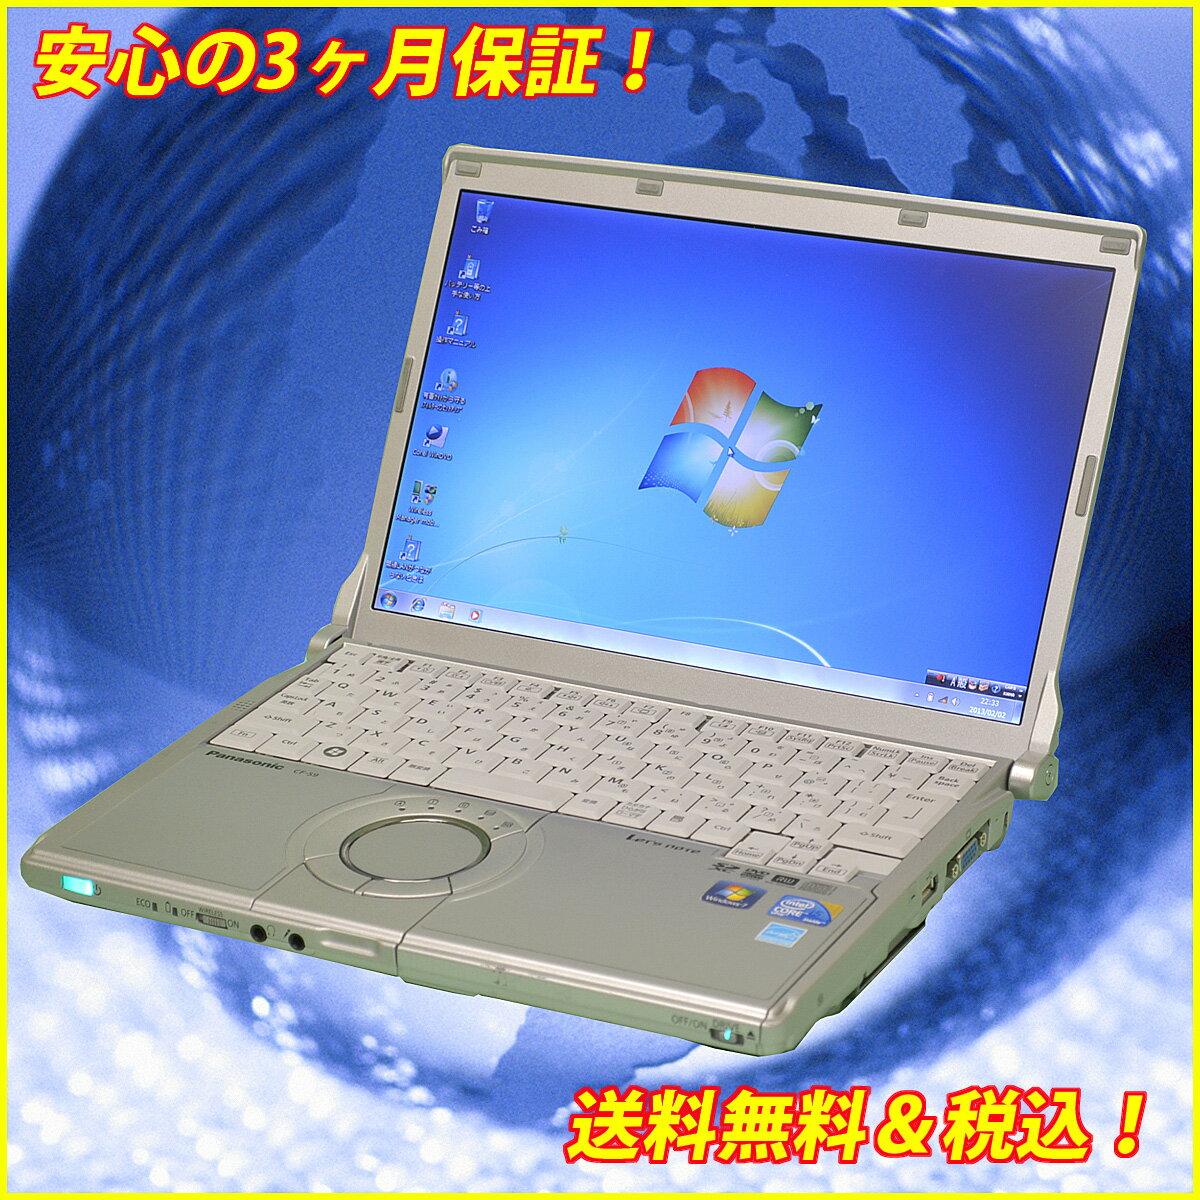 中古パソコン SSD:128GB&MEM:8GB搭載!Panasonic CF-S10CWHDSCore i5 2520M DVDスーパーマルチ Wifi Windows10-64WPS Officeインストール済み【中古】